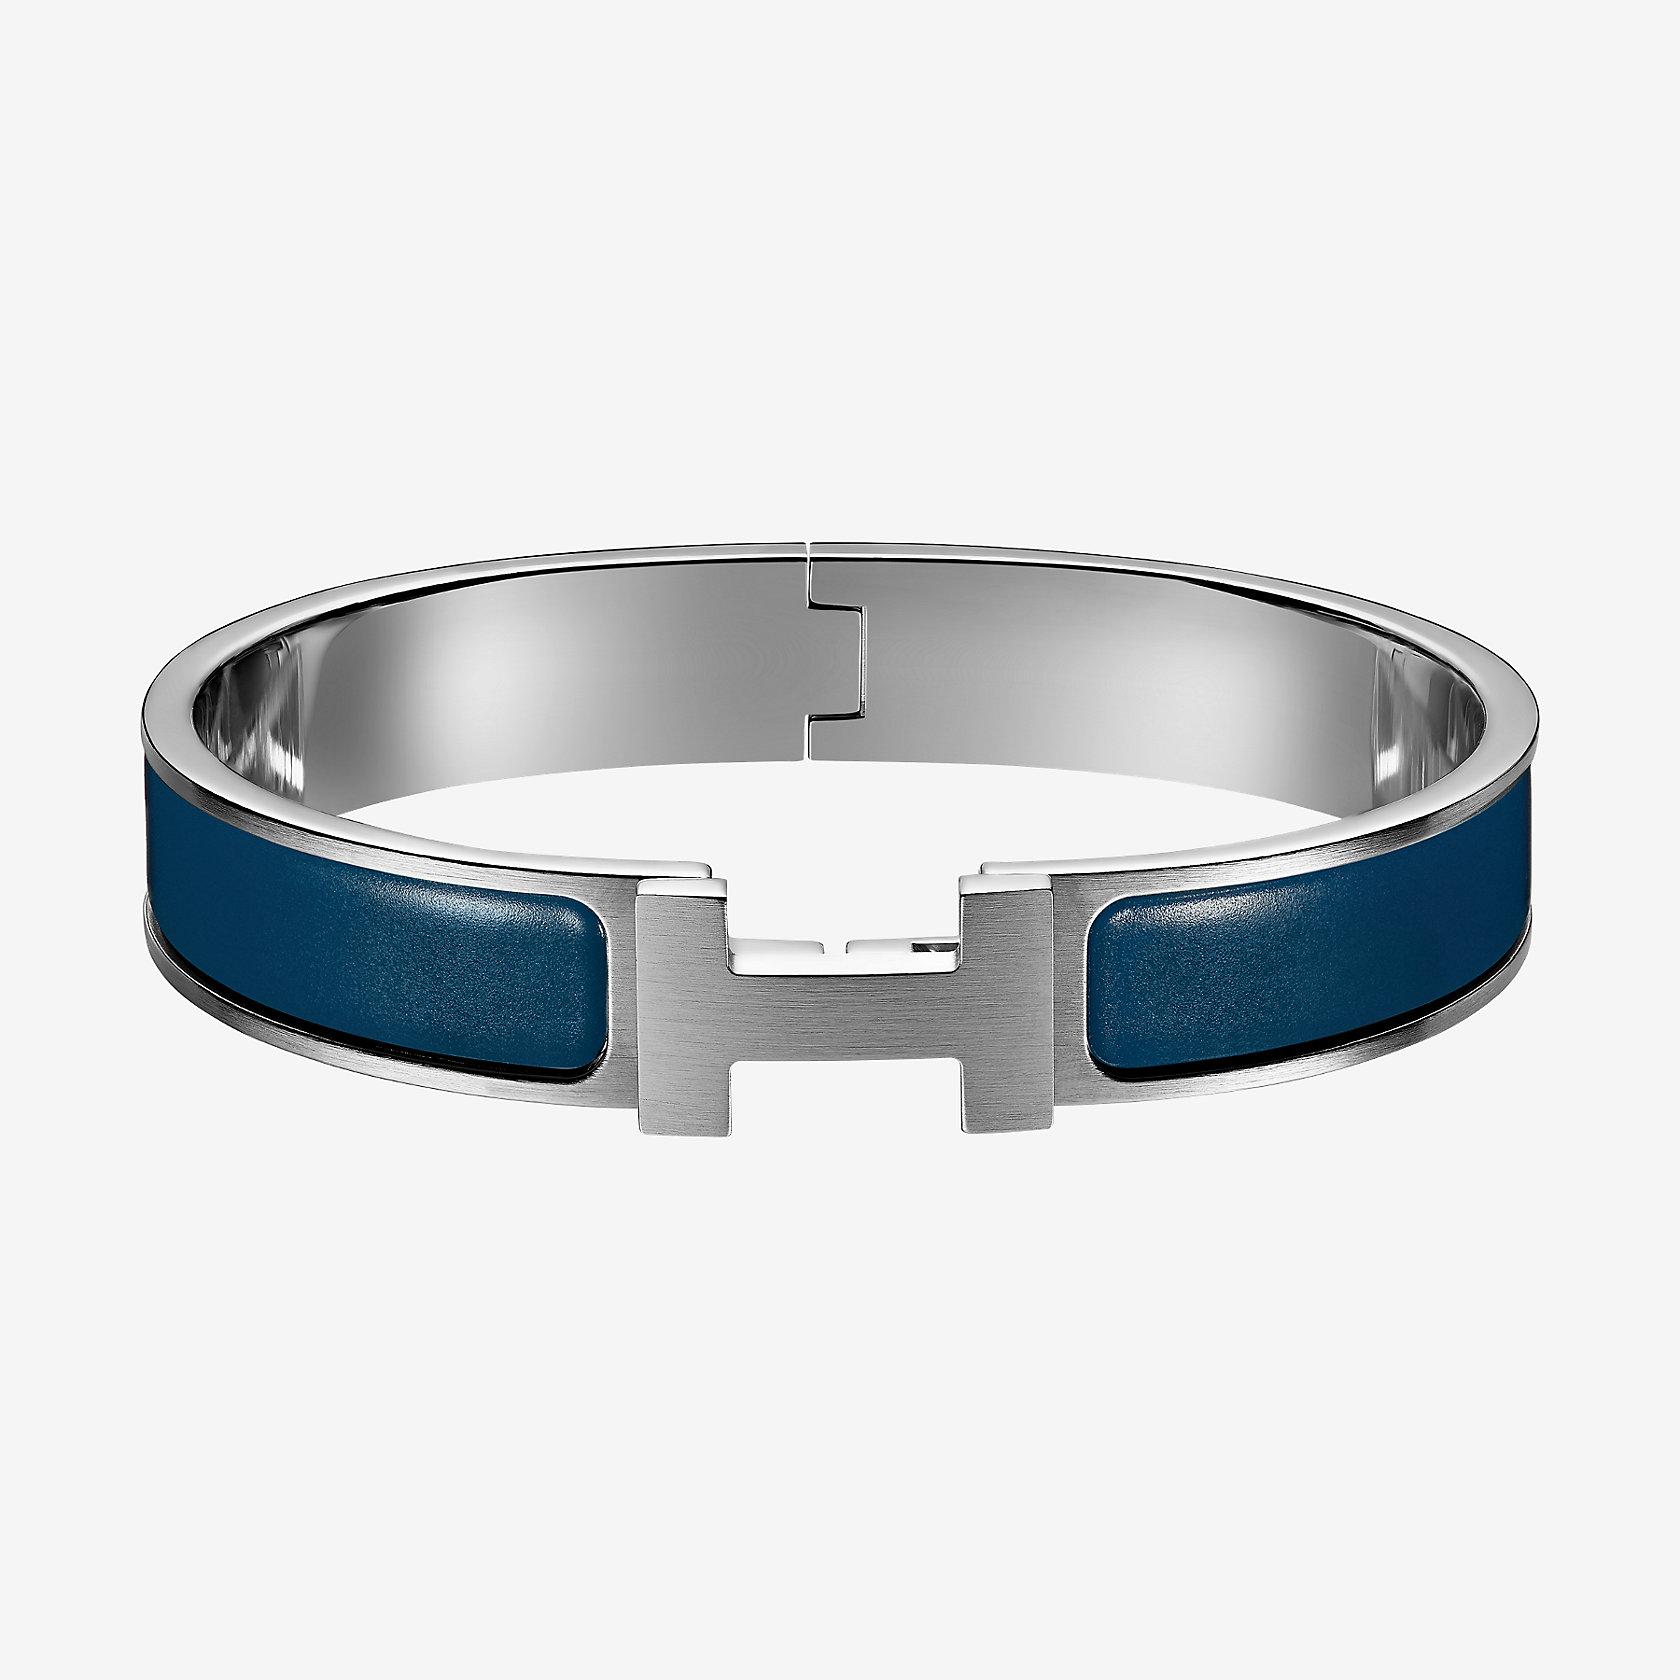 bf8af7ec0f2 Clic HH bracelet